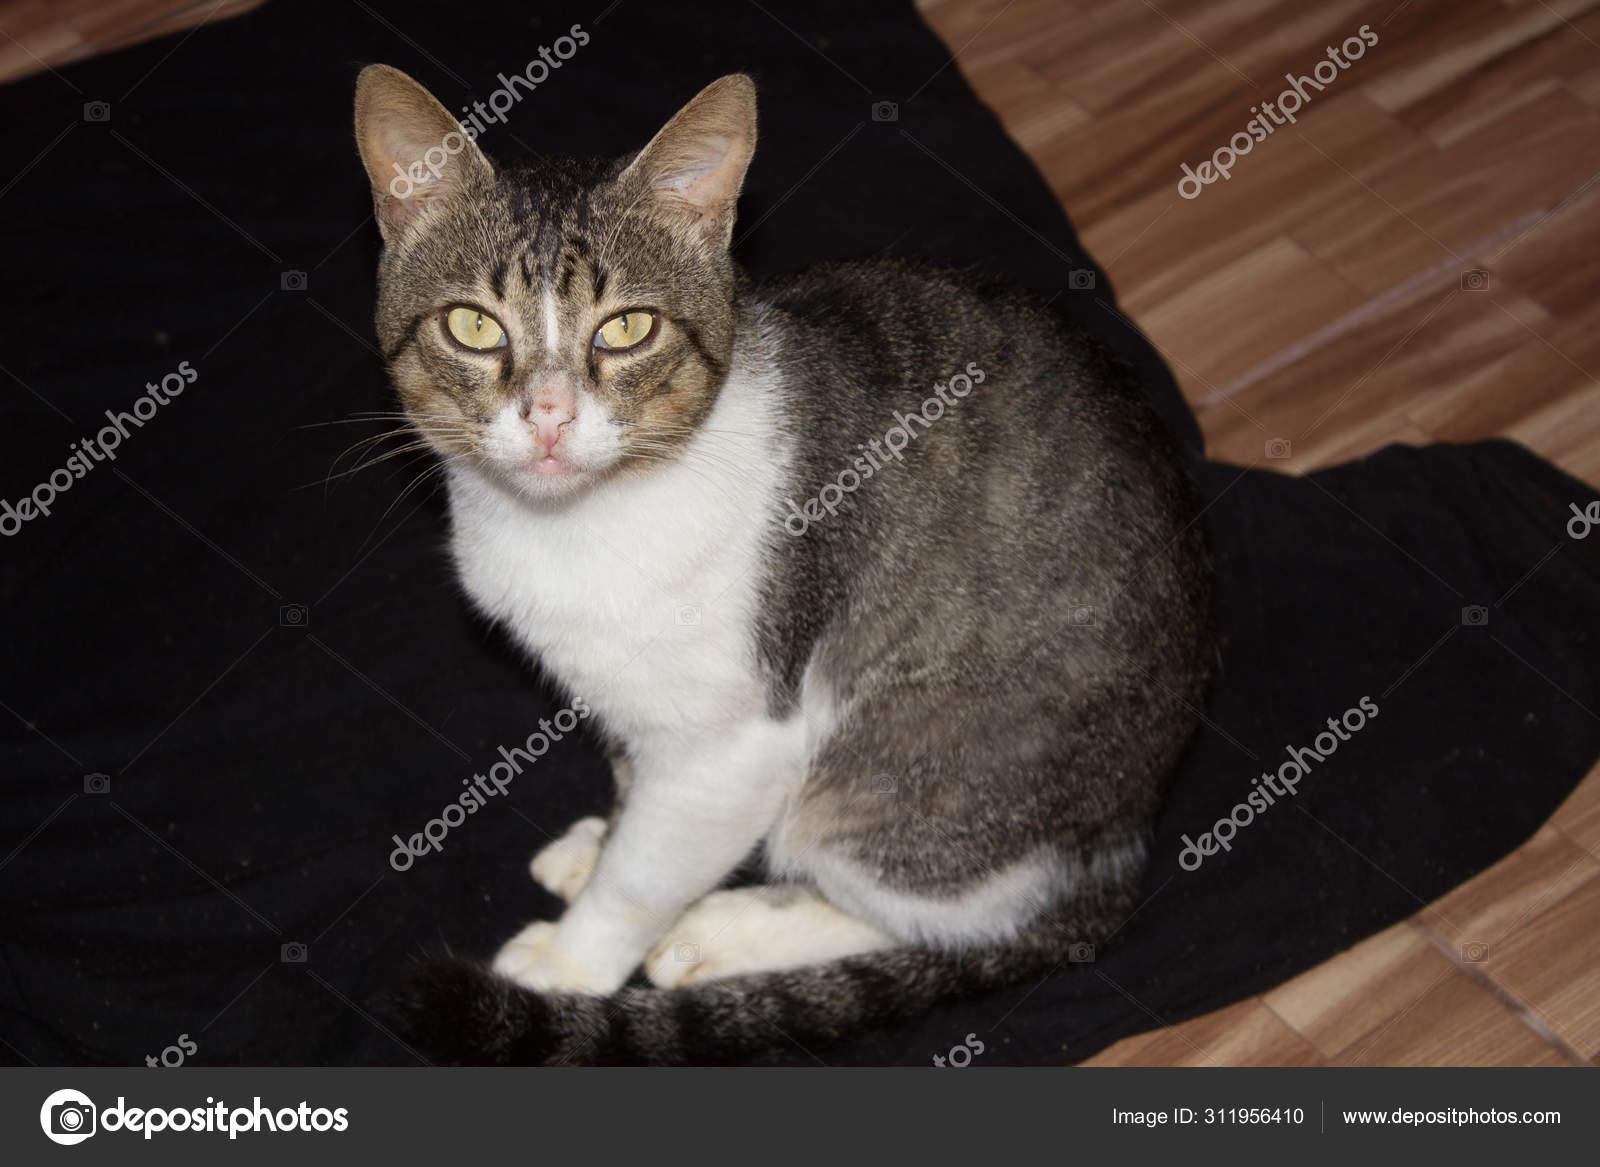 Portrait Chat Drole Raye Photographie Jessehr C 311956410